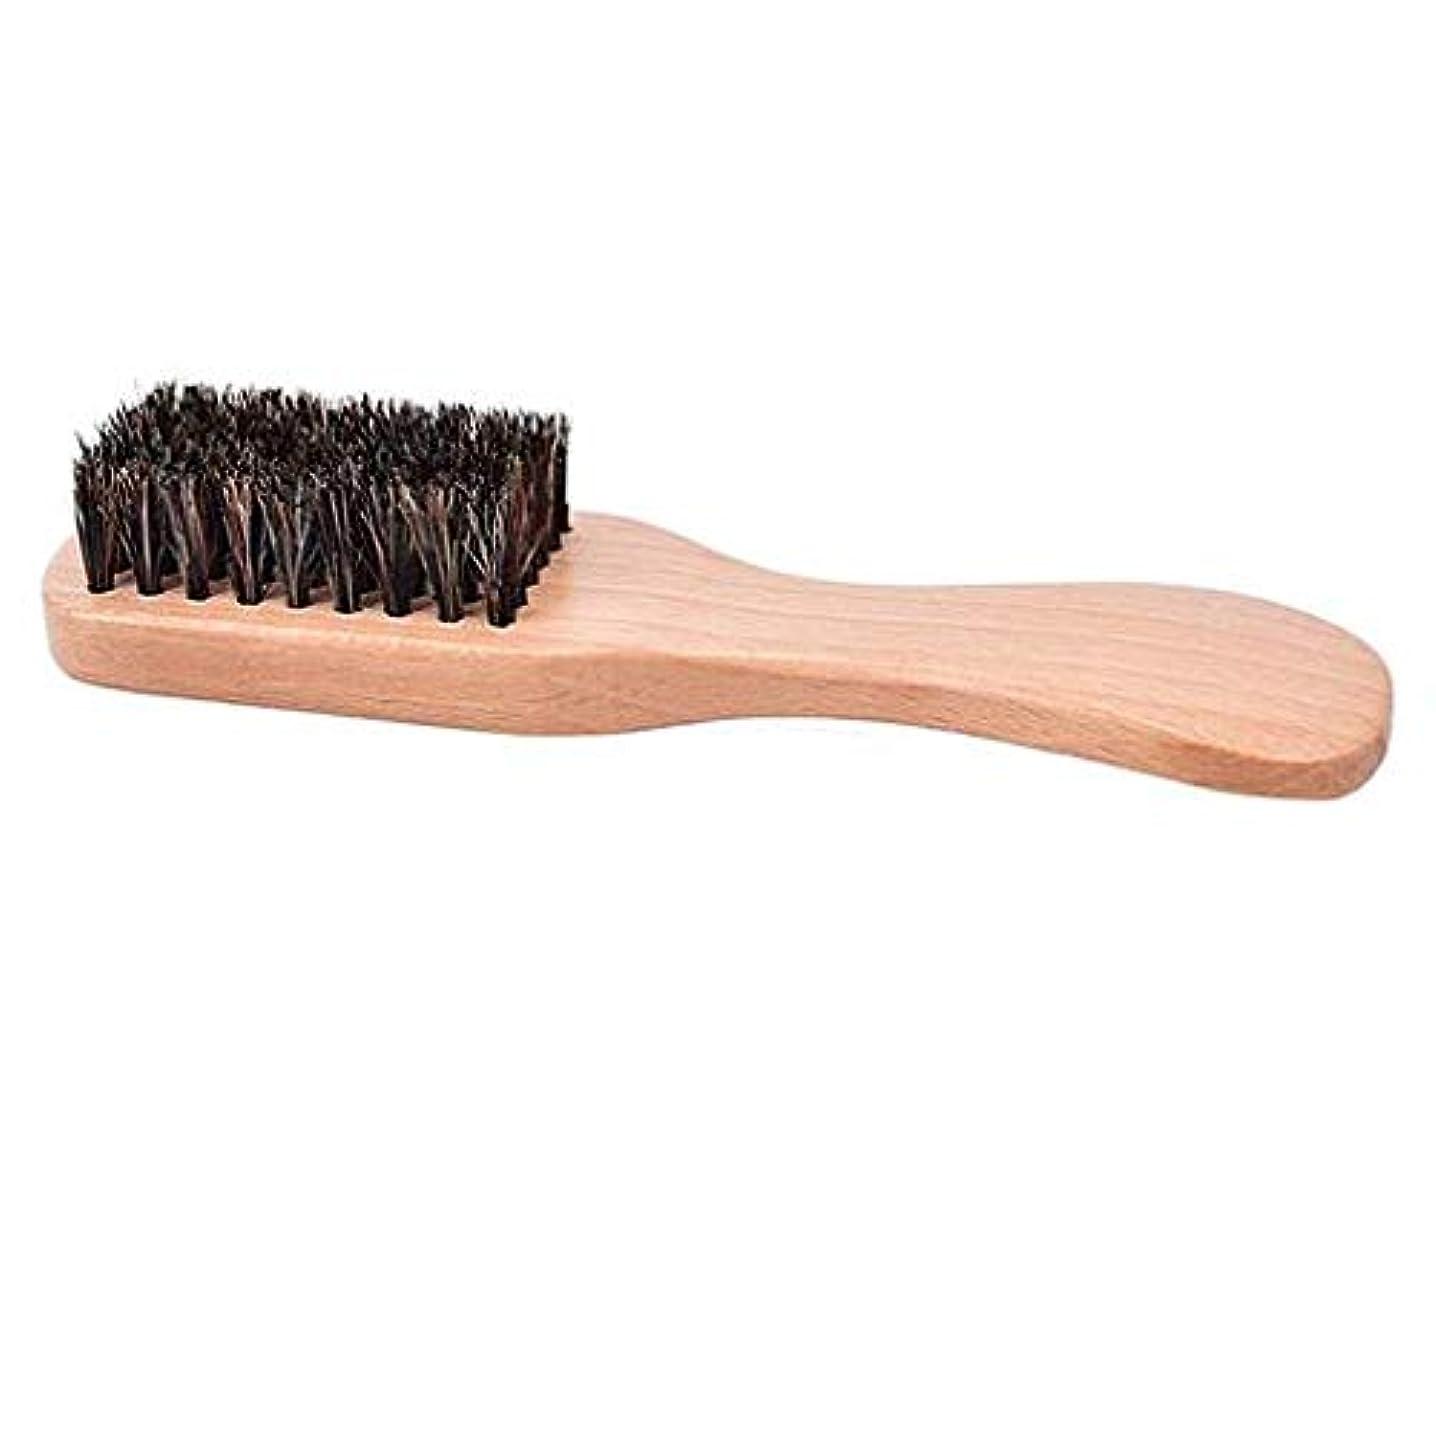 TerGOOSE 髭ブラシ ひげブラシ コーム フェードブラシ 理容 美容 ひげ口 豚毛 男性 メンズ 丸め 絶妙 専用 ロングハンドル 高品質 贈り物